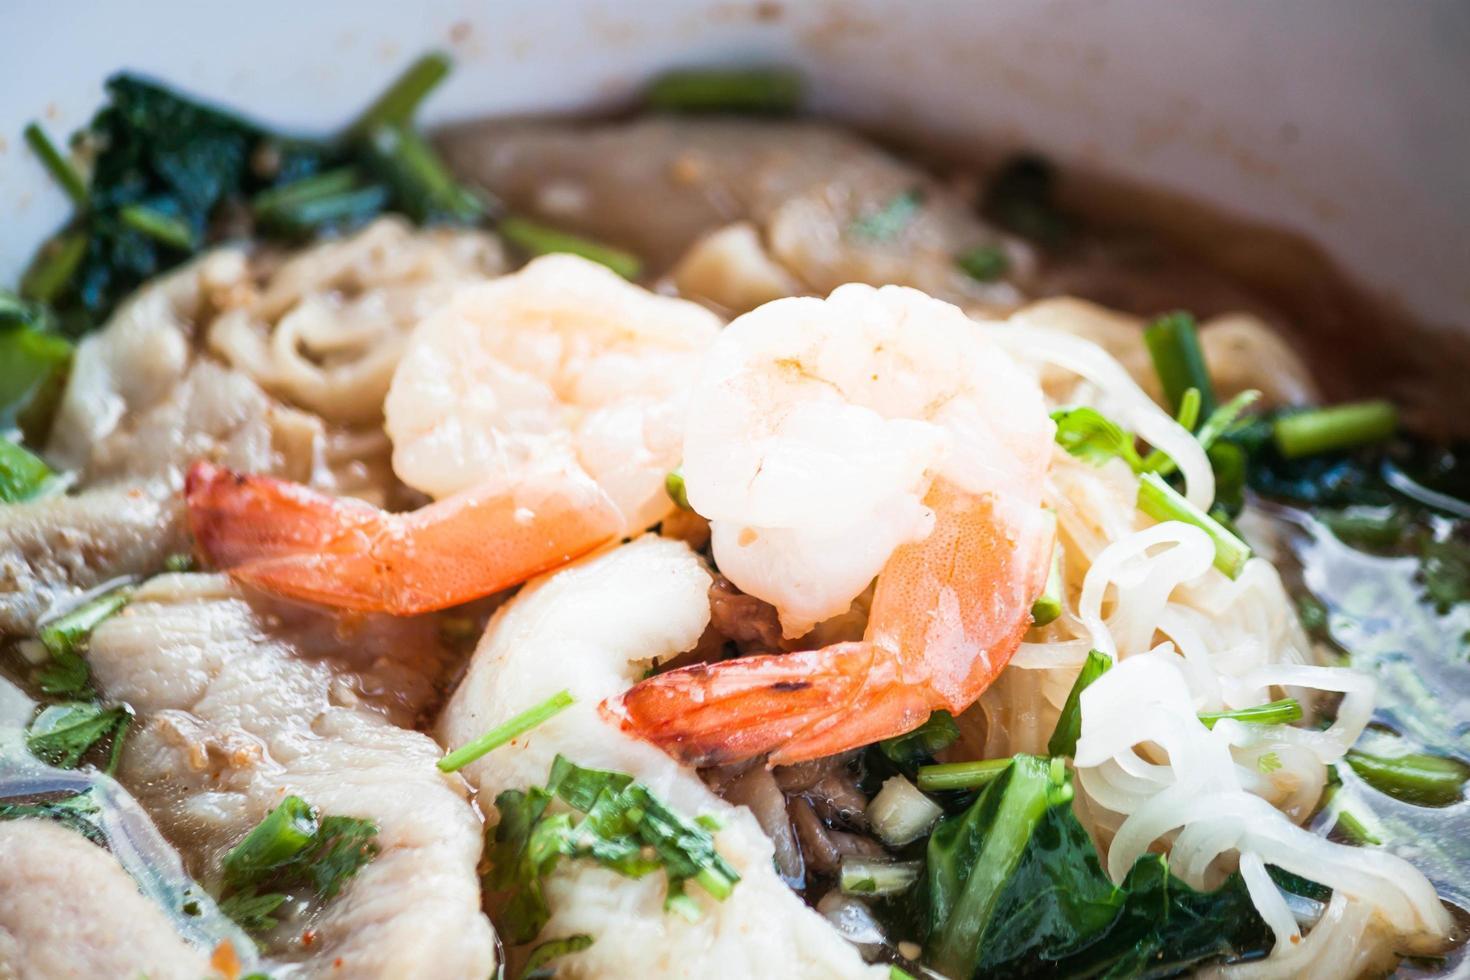 crevettes sur un plat de nouilles épicées thaï photo